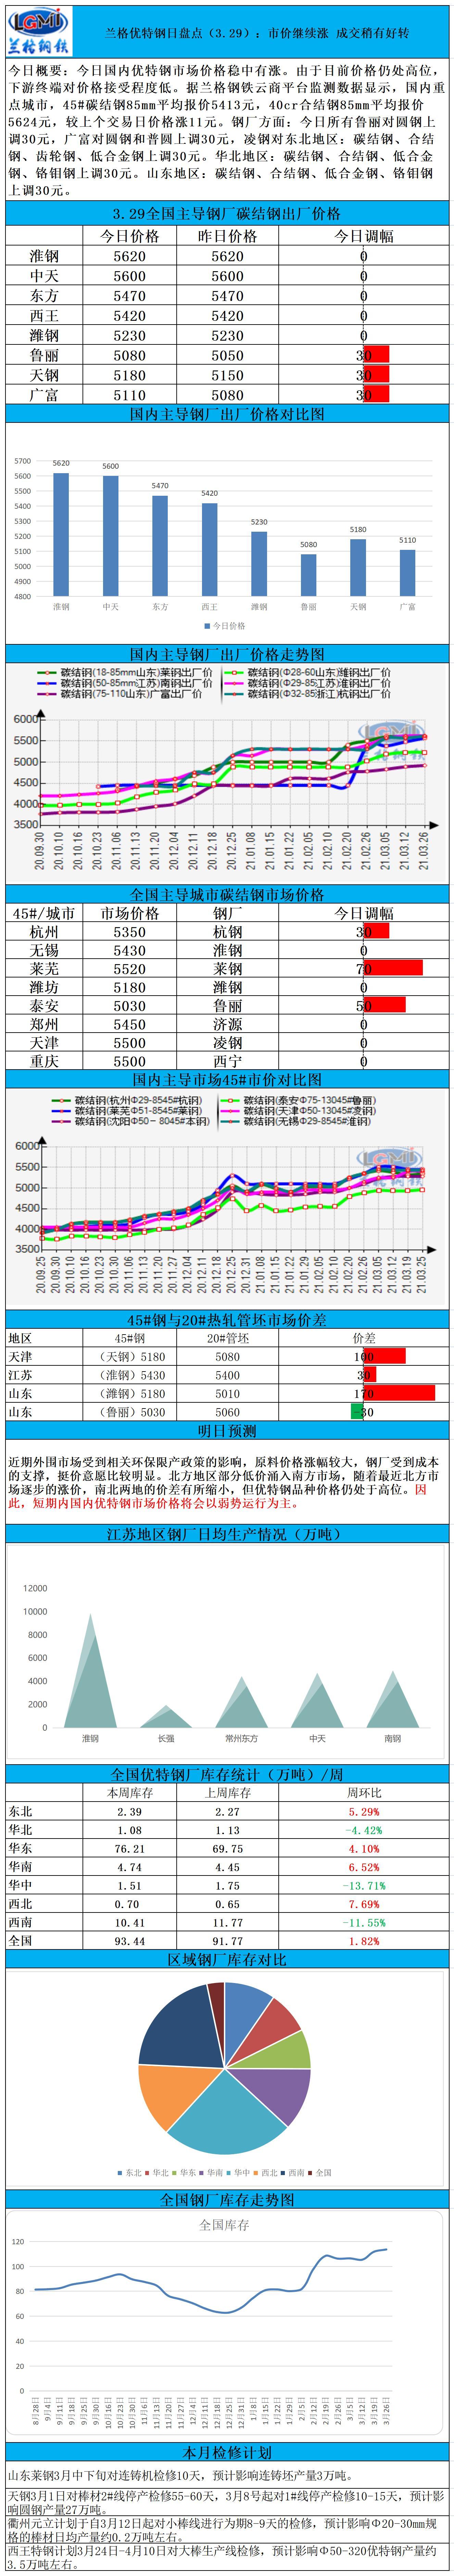 兰格优特钢日盘点(3.29):市价继续涨 成交稍有好转